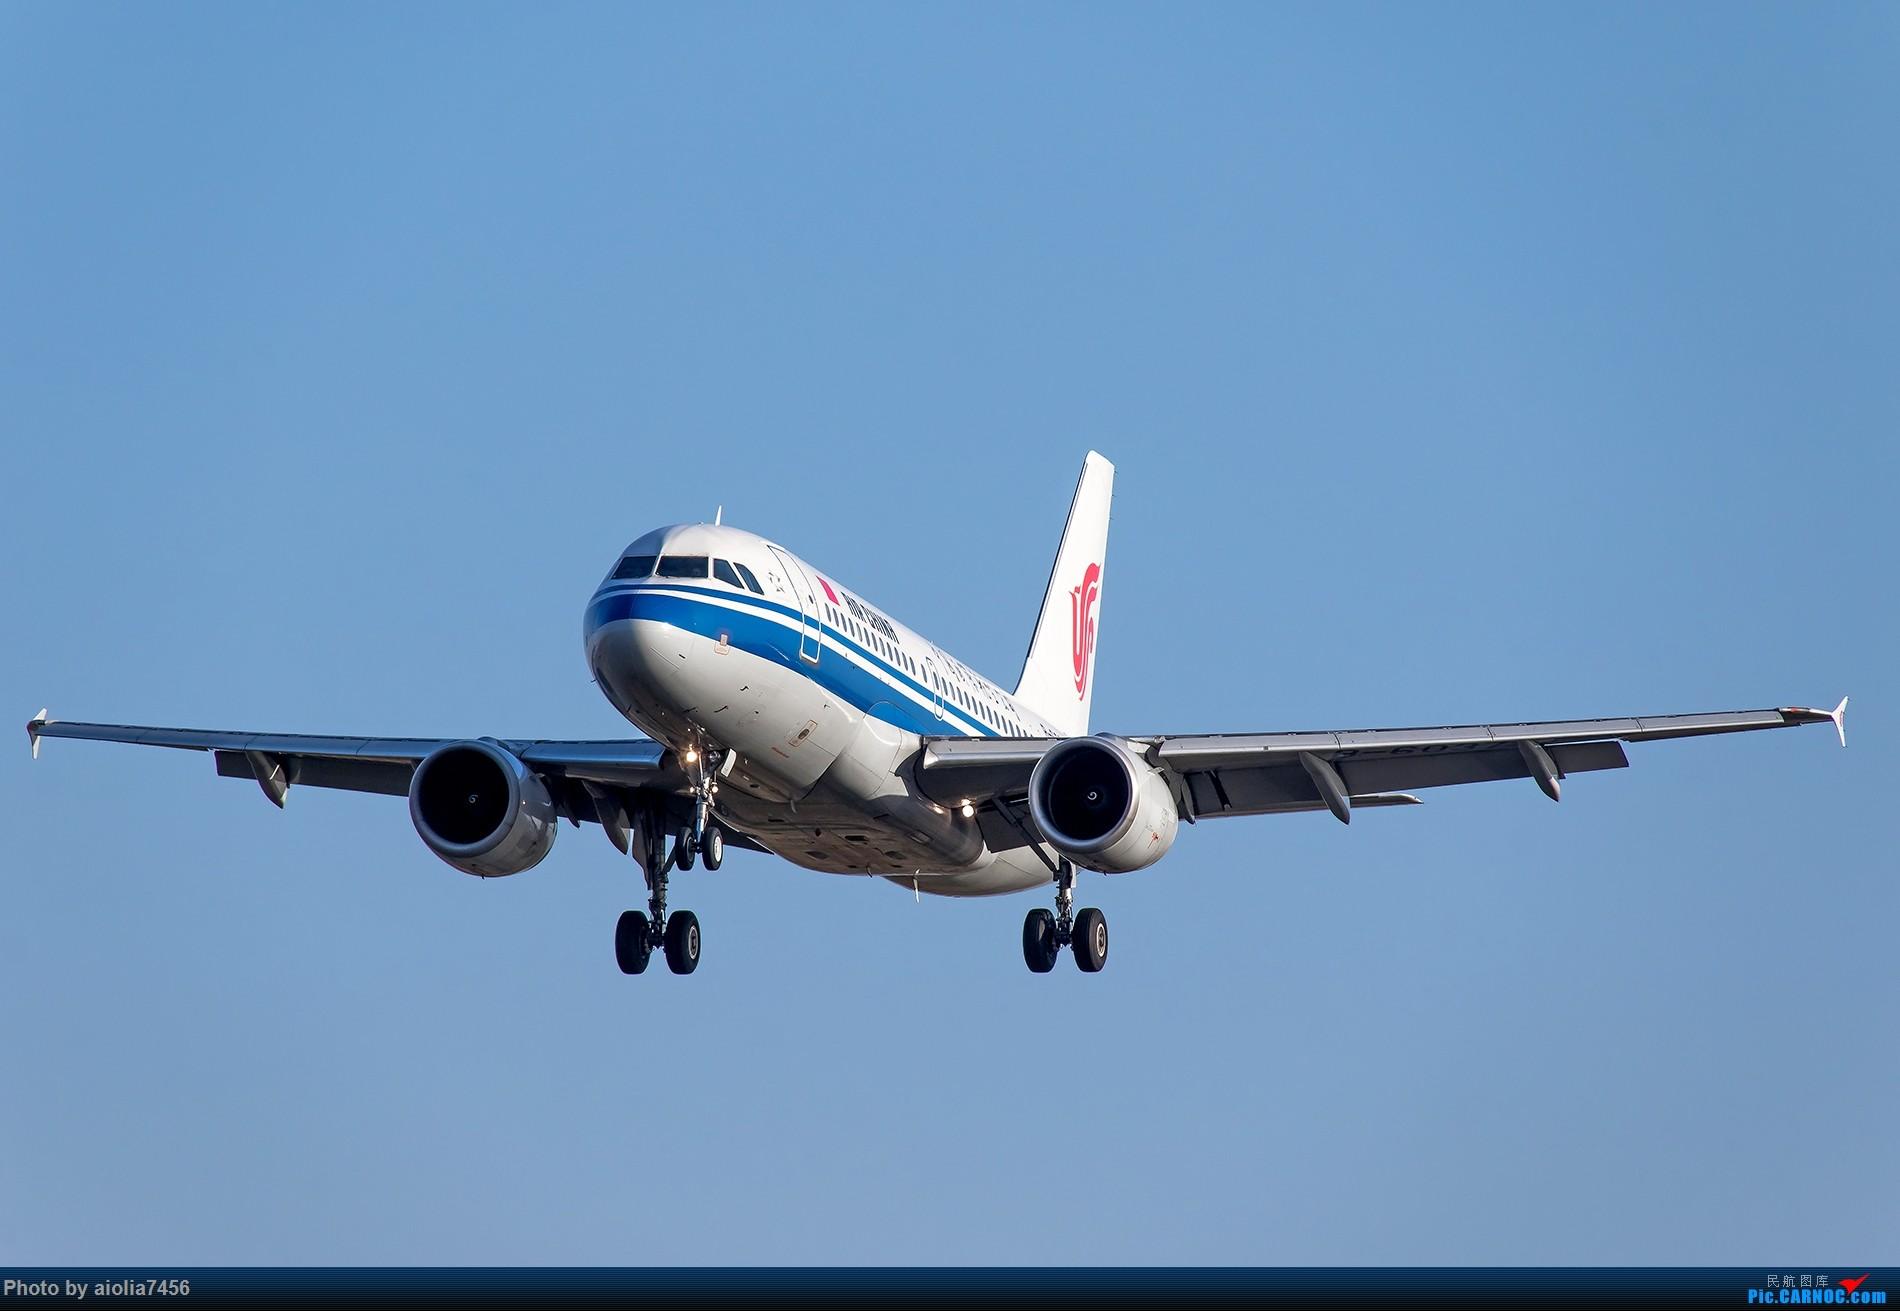 Re:[原创][霸都打鸡队]秋过长空碧如洗,谁道我桥无蓝天? AIRBUS A319-100 B-6037 中国合肥新桥国际机场